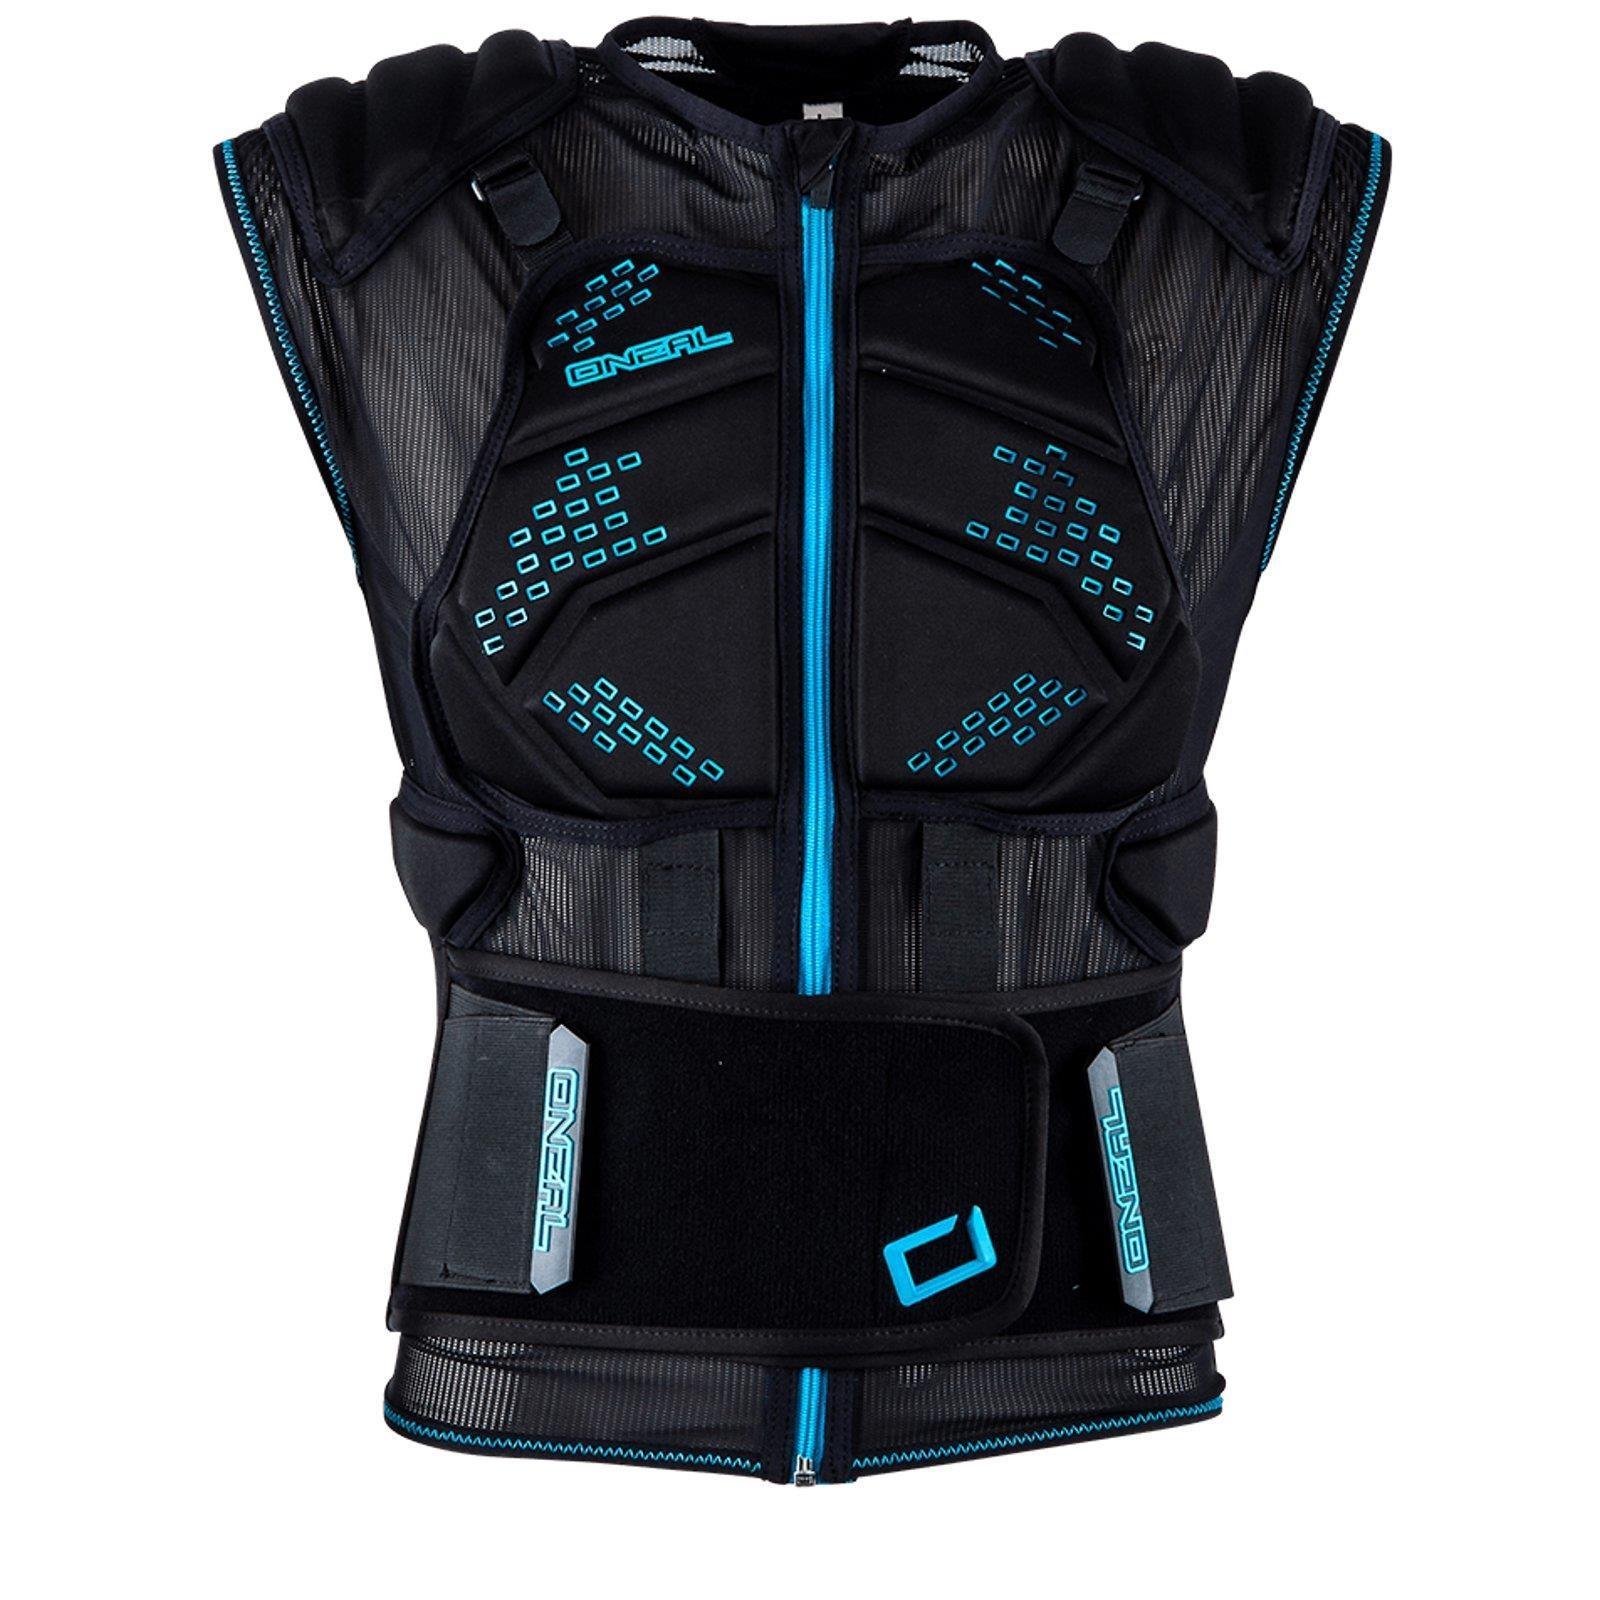 Oneal-protectores-chaqueta-pecho-tanques-chaqueta-moto-cross-FR-DH-proteccion-chaleco-MX-MTB miniatura 27